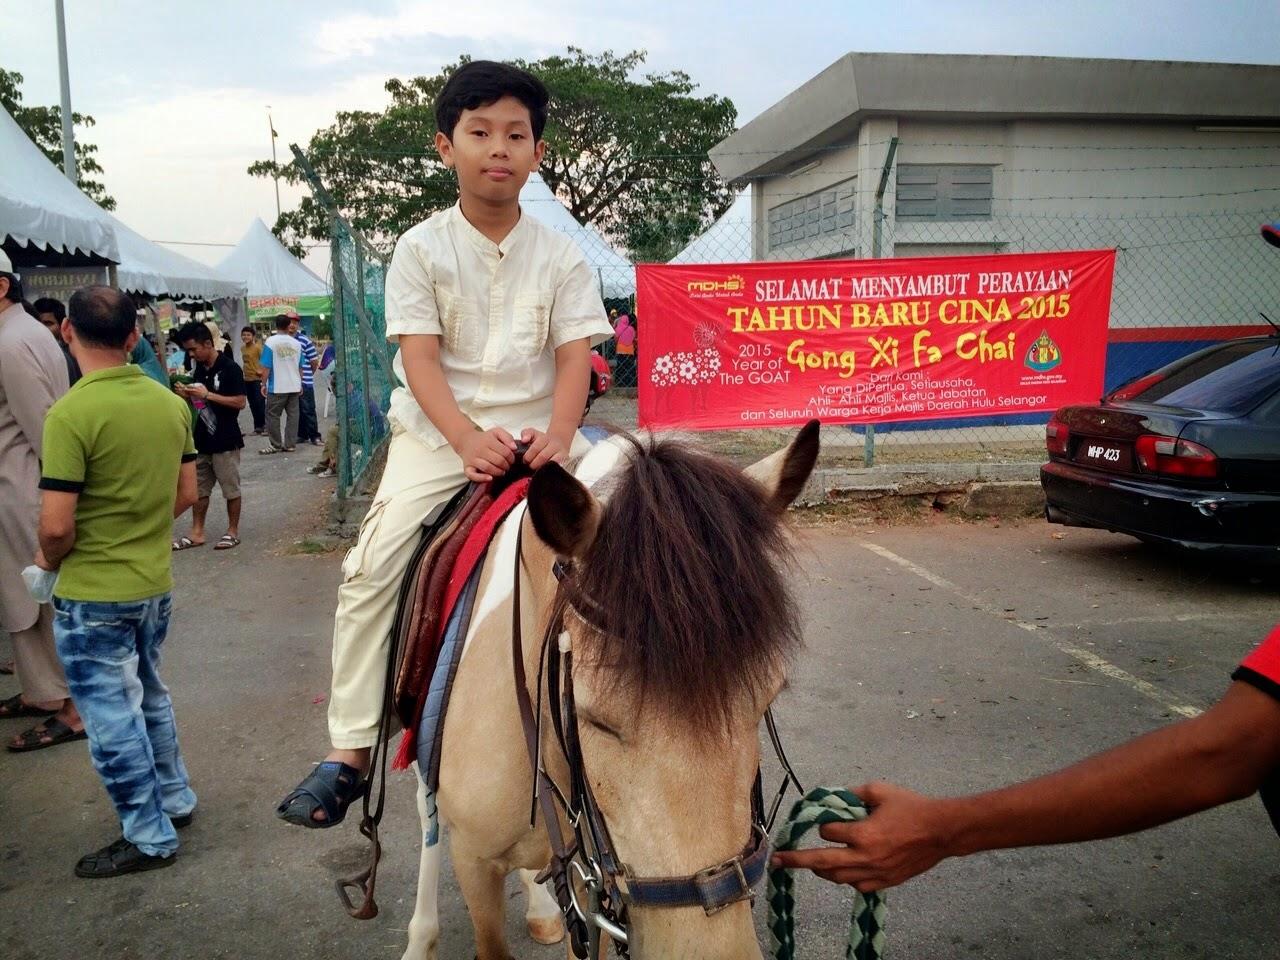 horse riding, naik kuda, bayaran menunggang kuda, kuda padi, kelab menunggang kuda